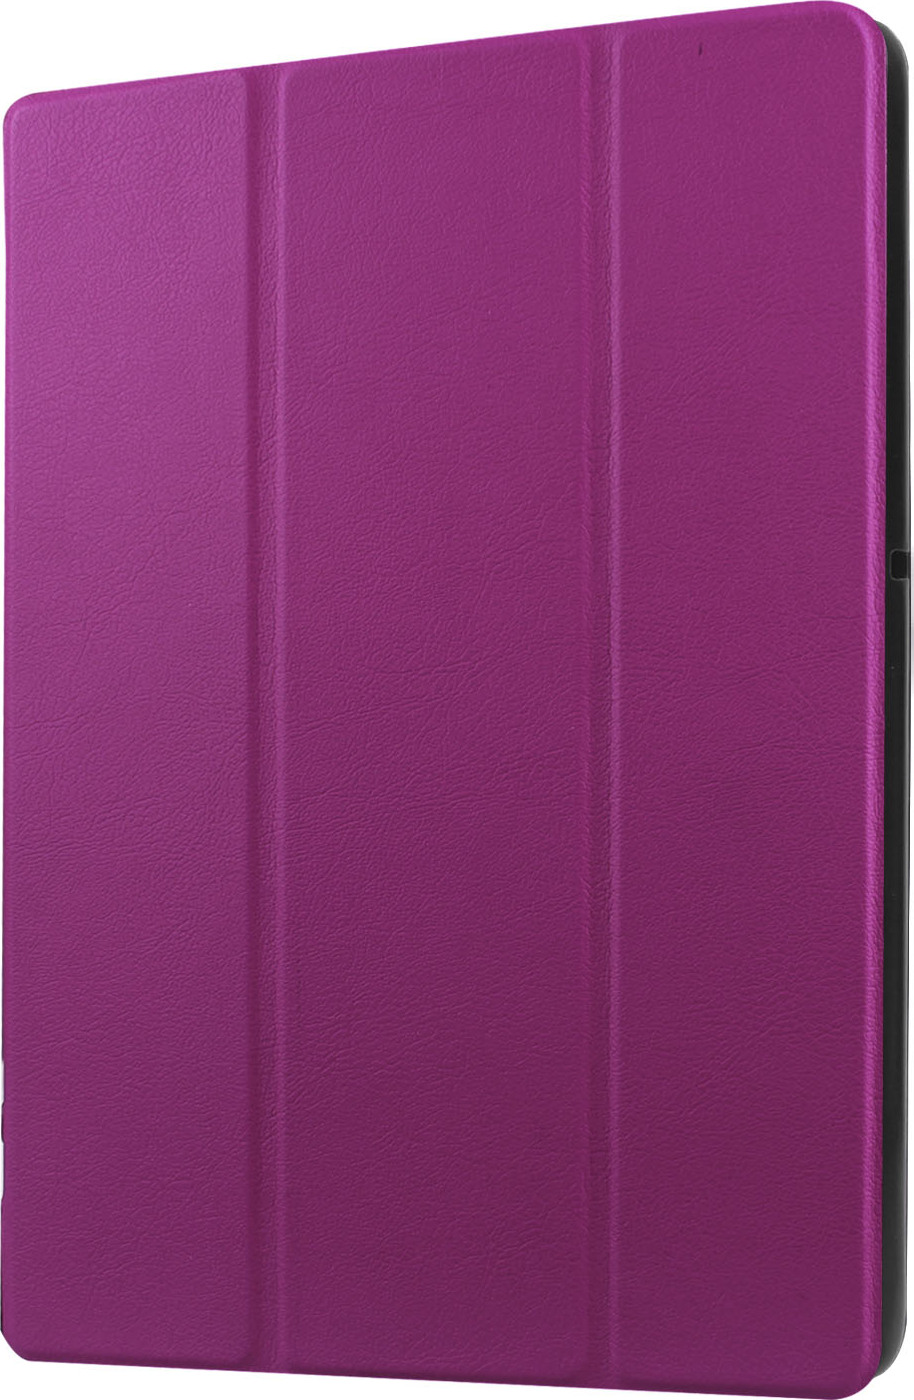 Чехол-обложка MyPads для Huawei MediaPad M2 7.0 (PLE-703L) тонкий умный кожаный на пластиковой основе с трансформацией в подставку фиолетовый